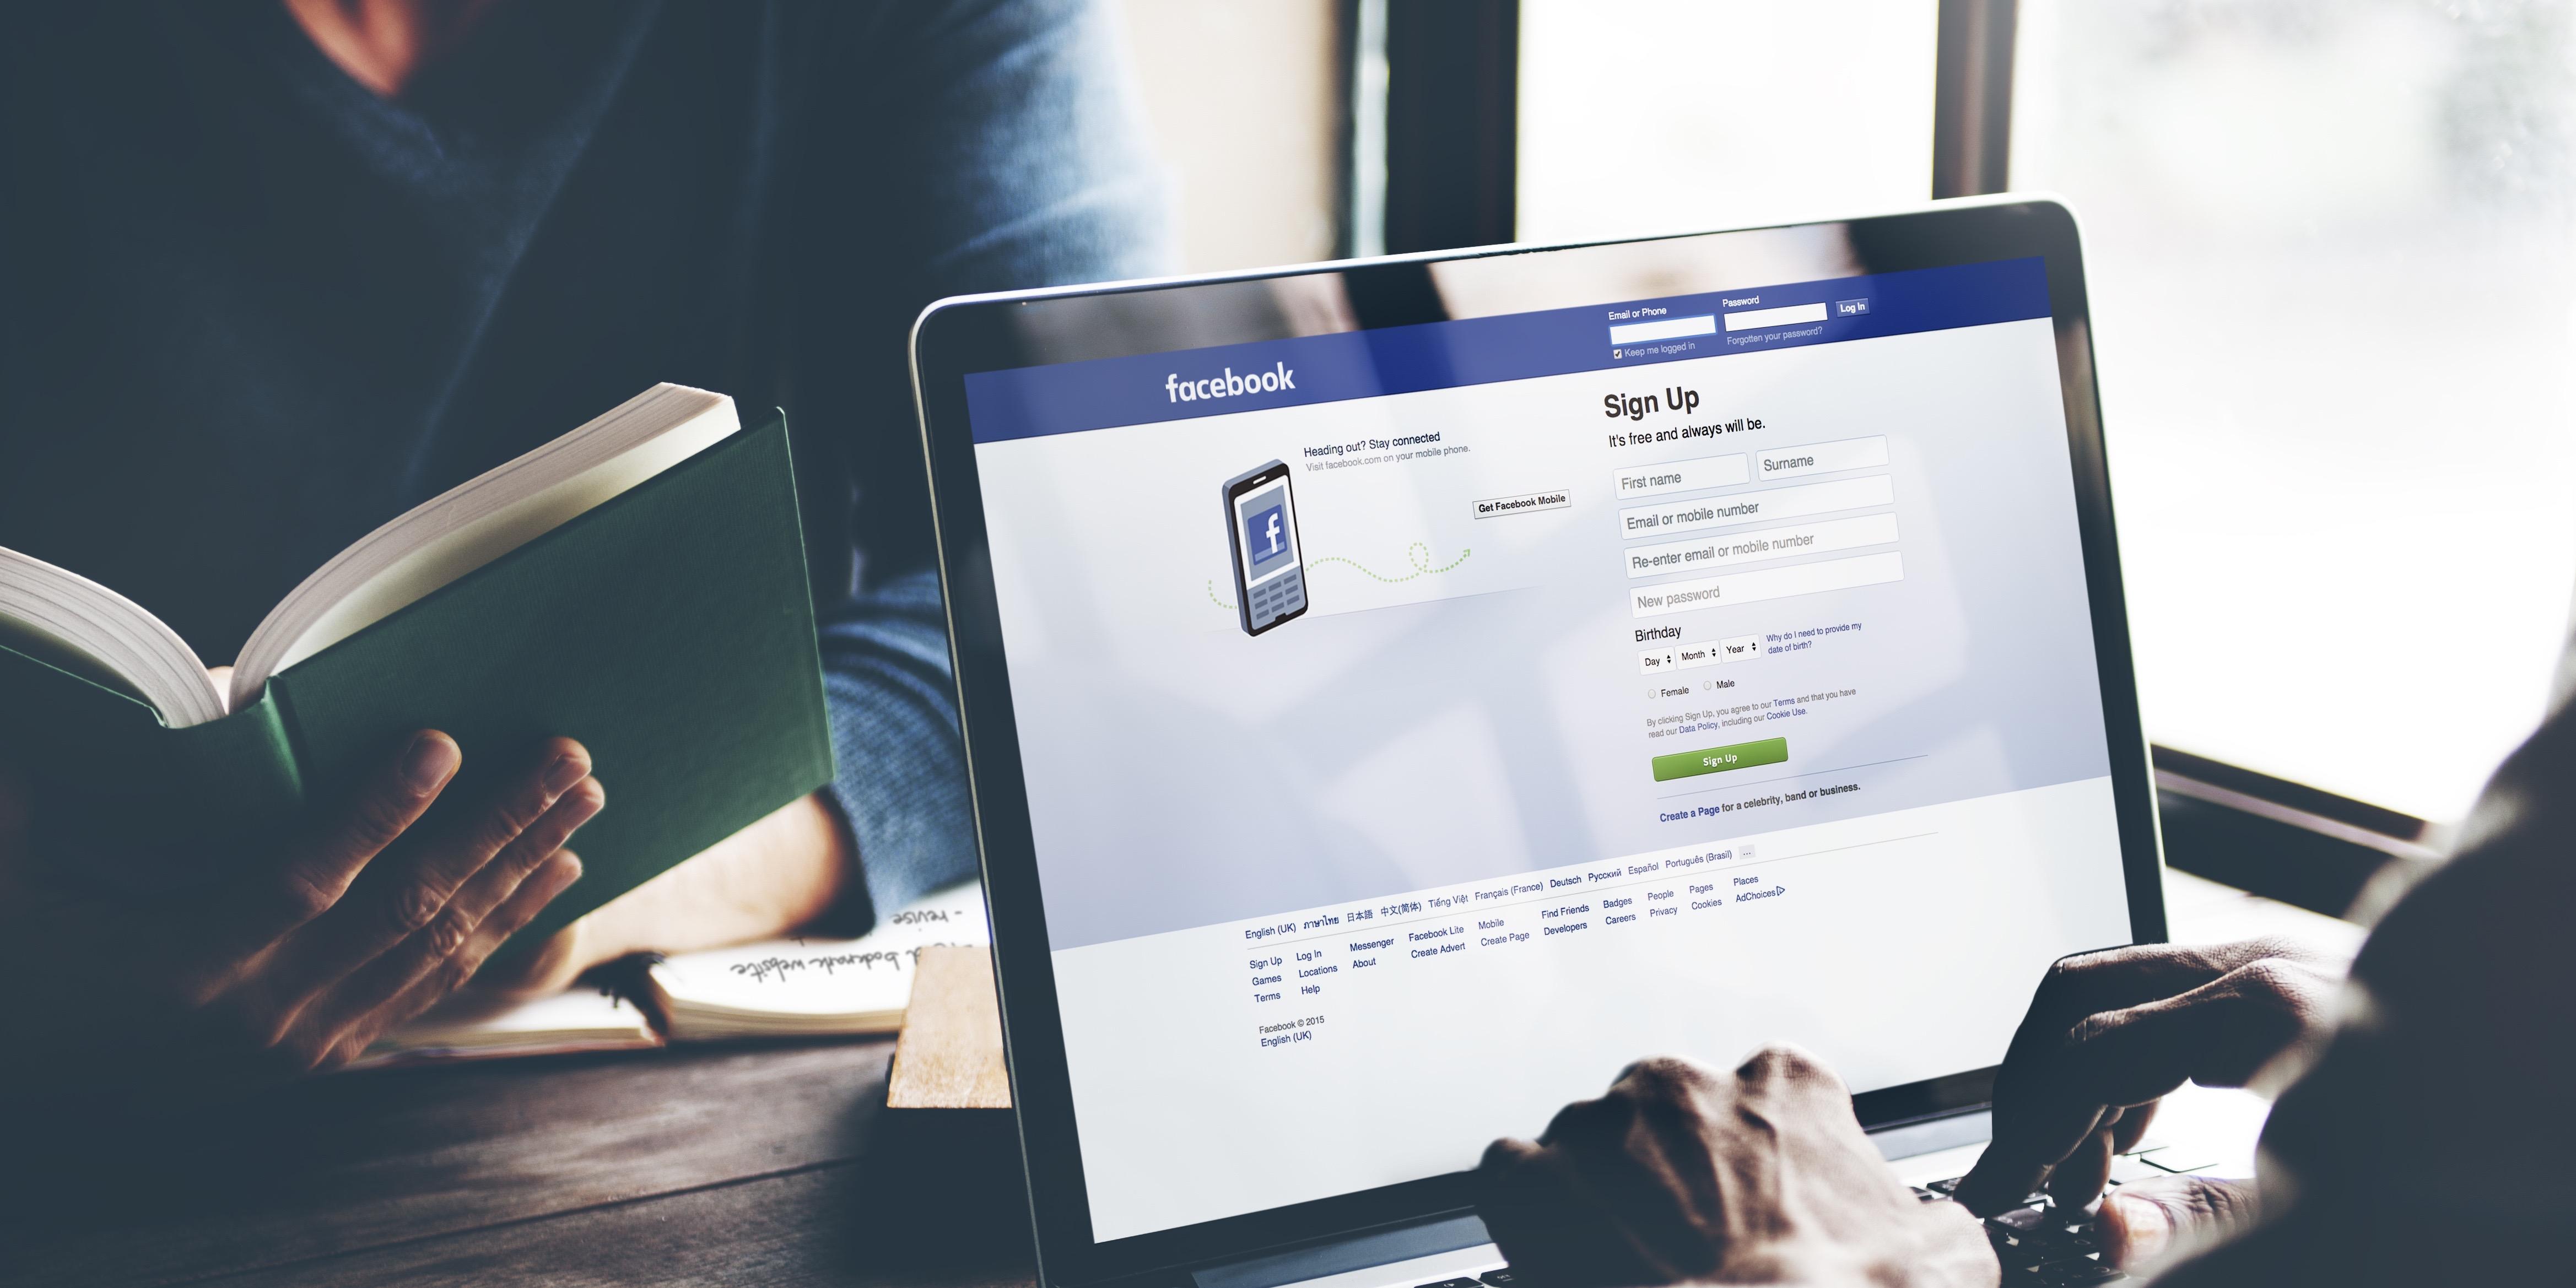 Всю информацию о пользователе Facebook введет самостоятельно. Фото: fundera.com